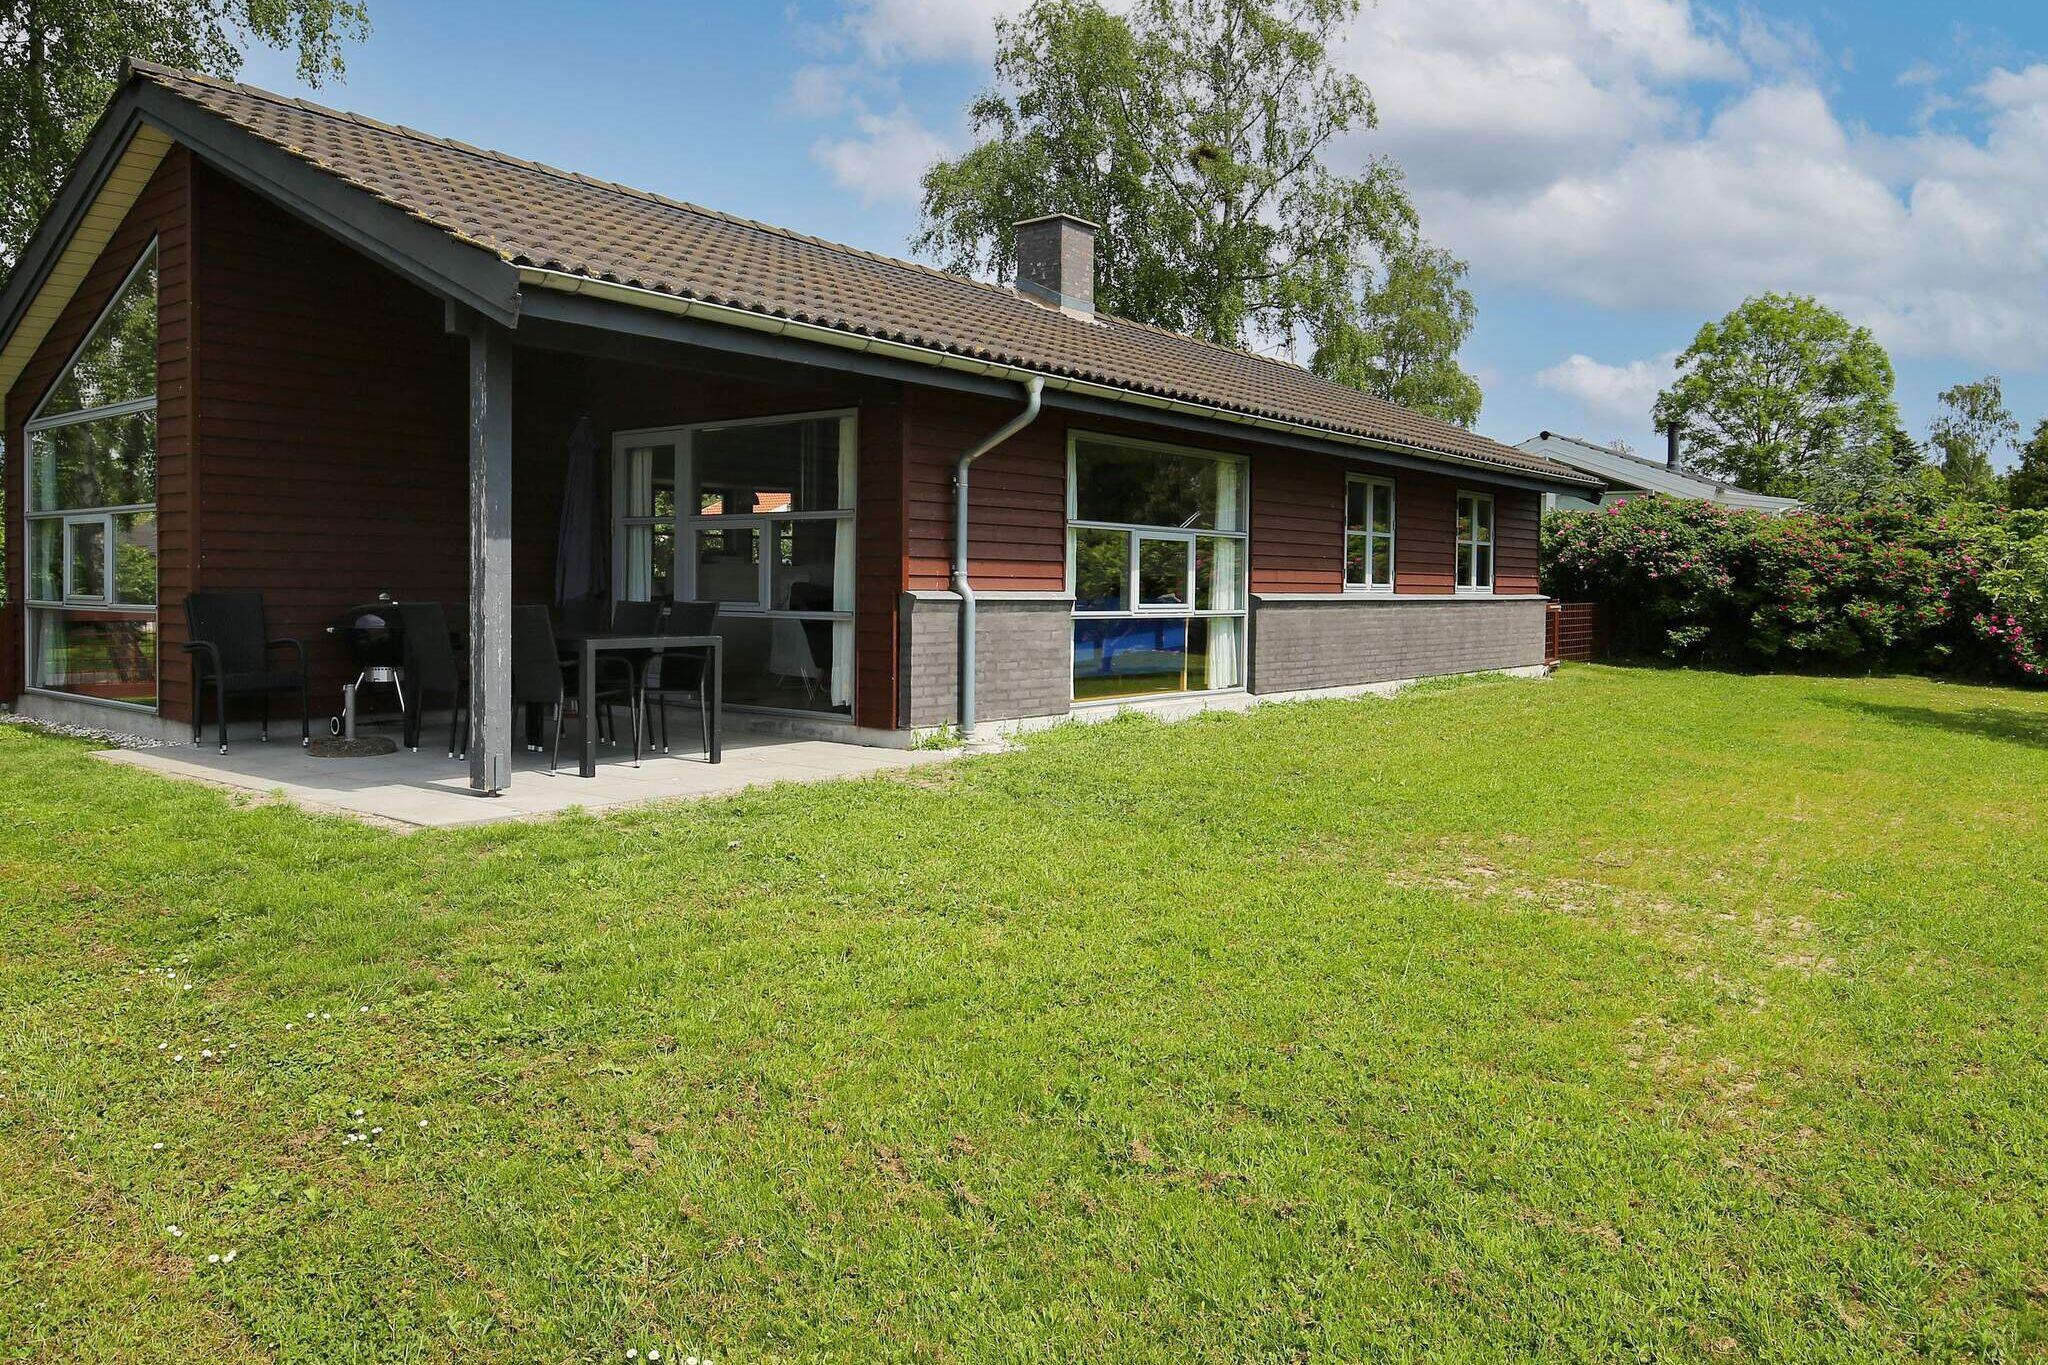 Ferienhaus in Stubbeköbing für 8 Personen